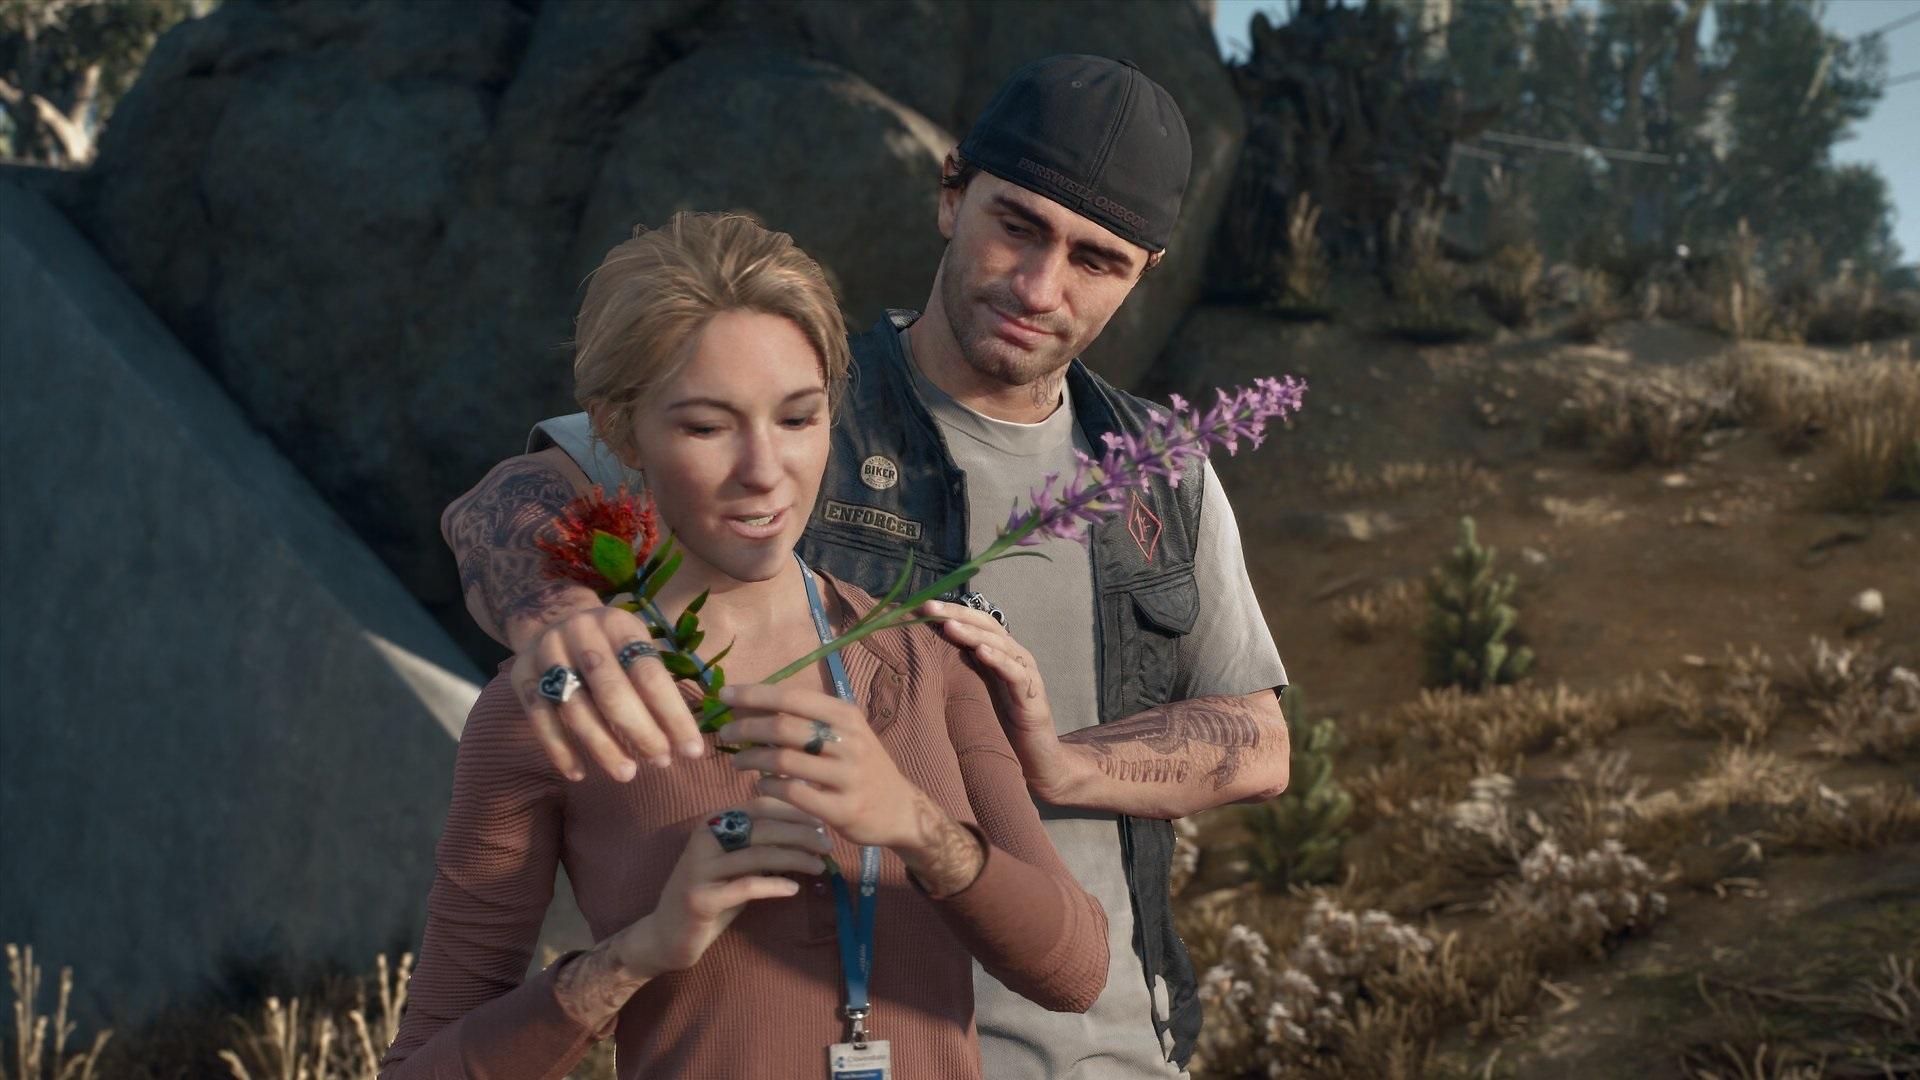 Le 5 storie d'amore più belle presenti nei videogiochi thumbnail